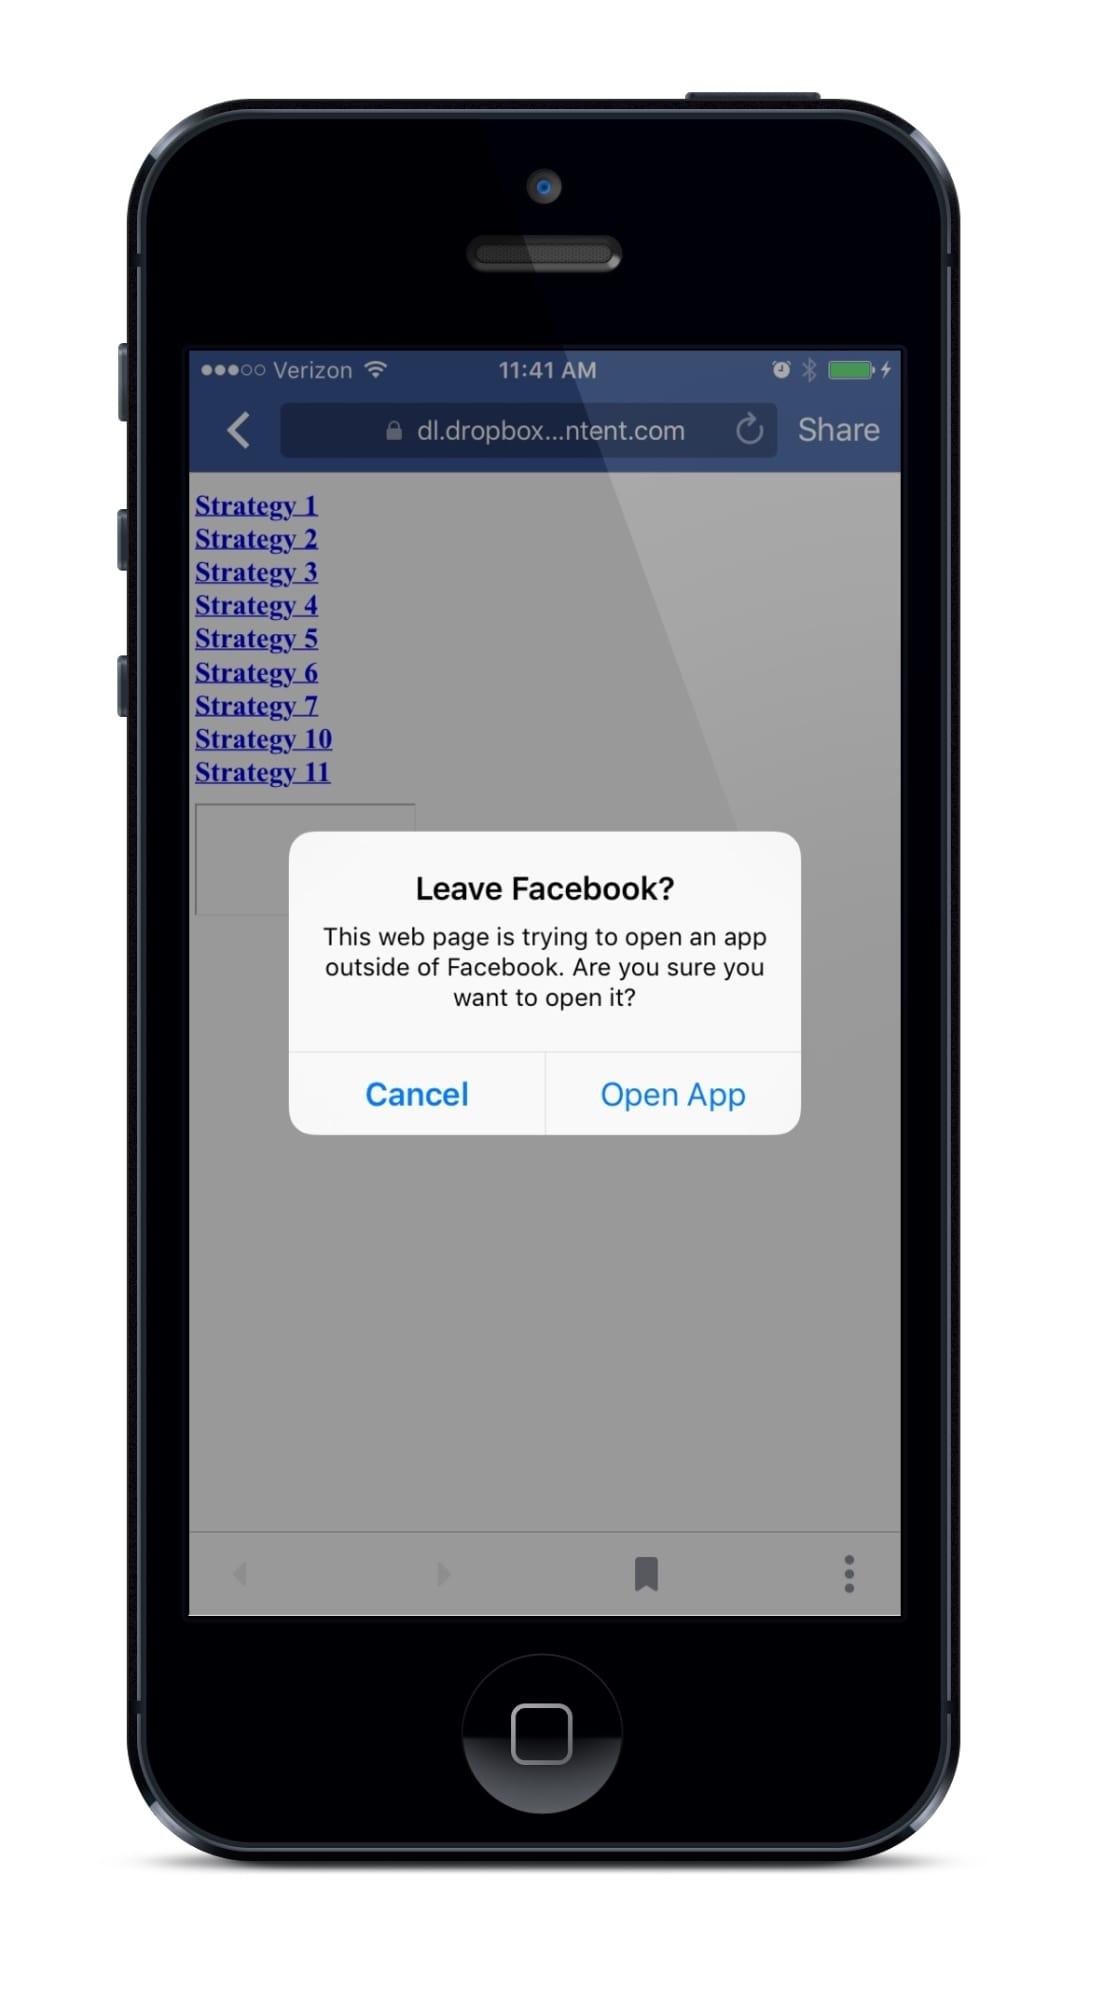 Leave Facebook notice